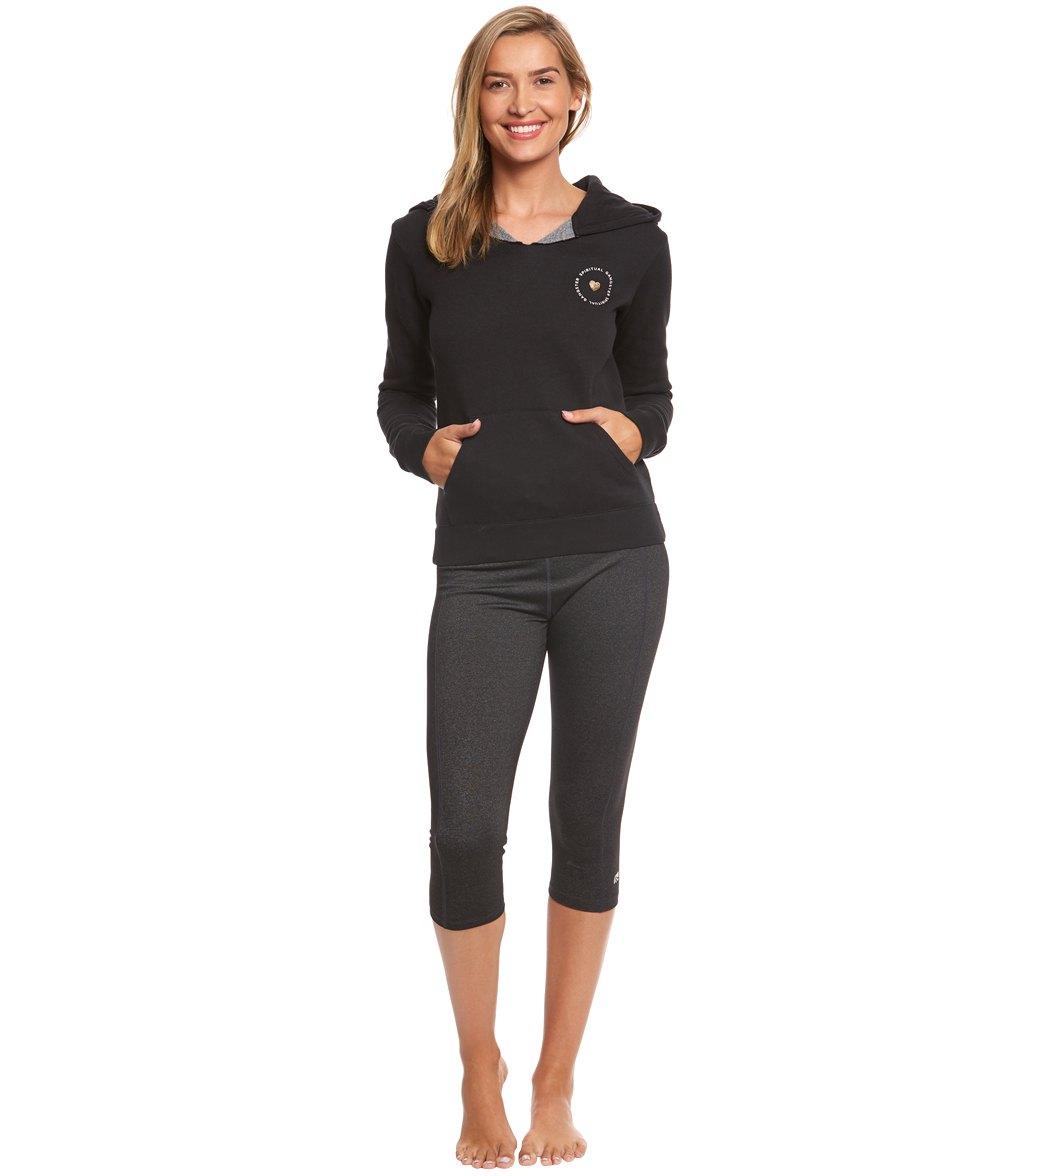 a439f7ebf6618 Marika Brooke High Rise Tummy Control Yoga Capris at YogaOutlet.com ...